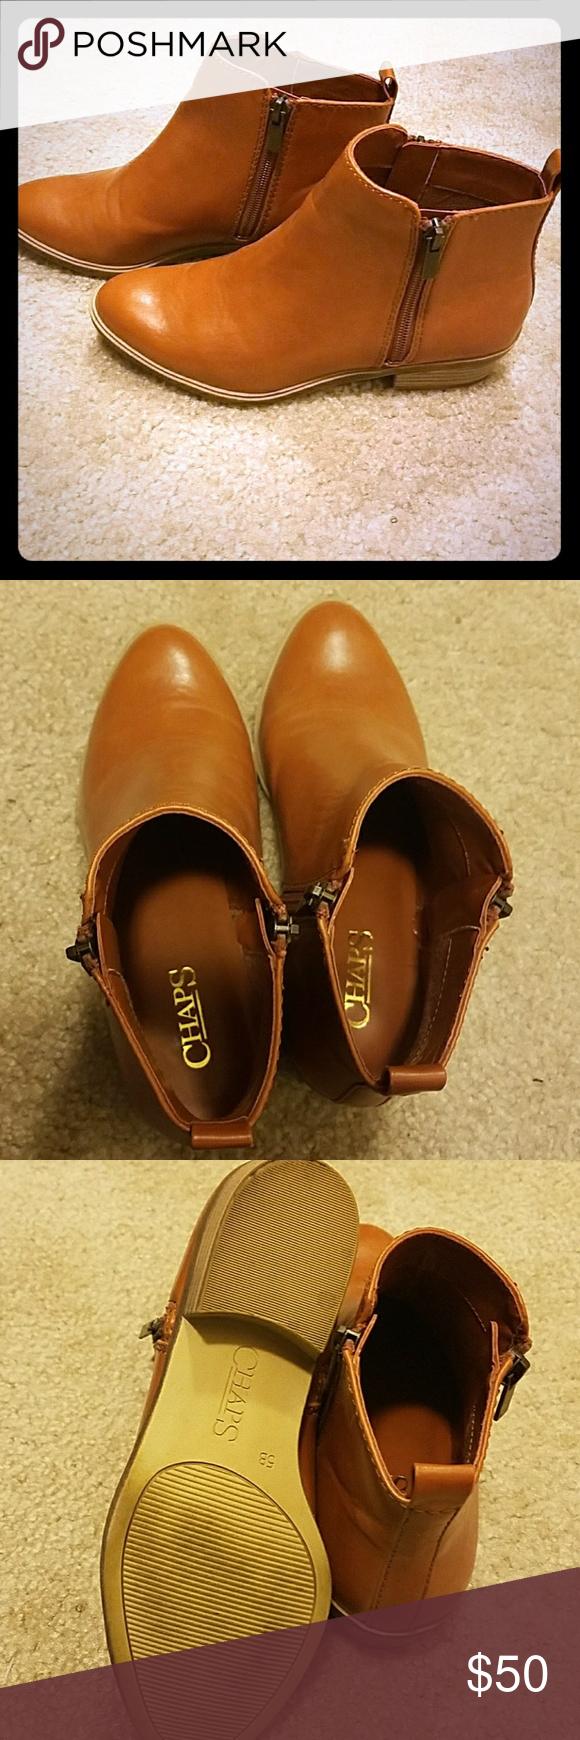 e467ce848e49a Chaps Sabra Zipper Ankle Boots Tan CalfSkin Women's Chaps Sabra Zipper  Ankle Boots Polo Tan Burn